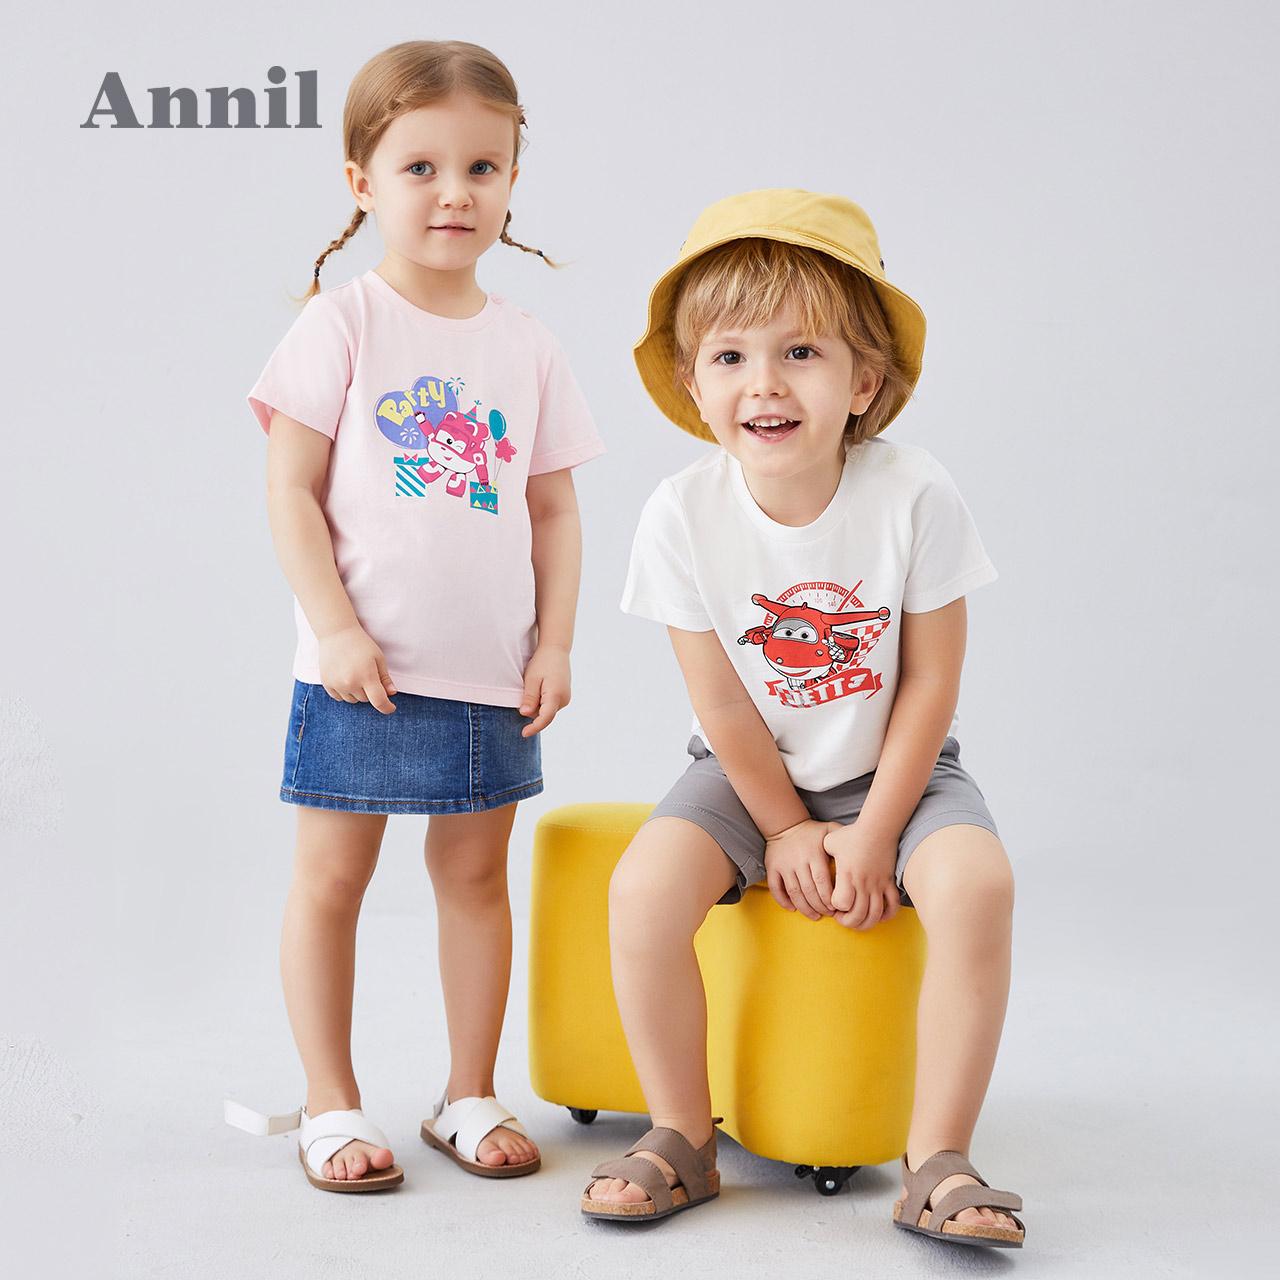 安奈儿童装男女童T恤薄2020夏季新款超级飞侠洋气宝宝T恤圆领短袖